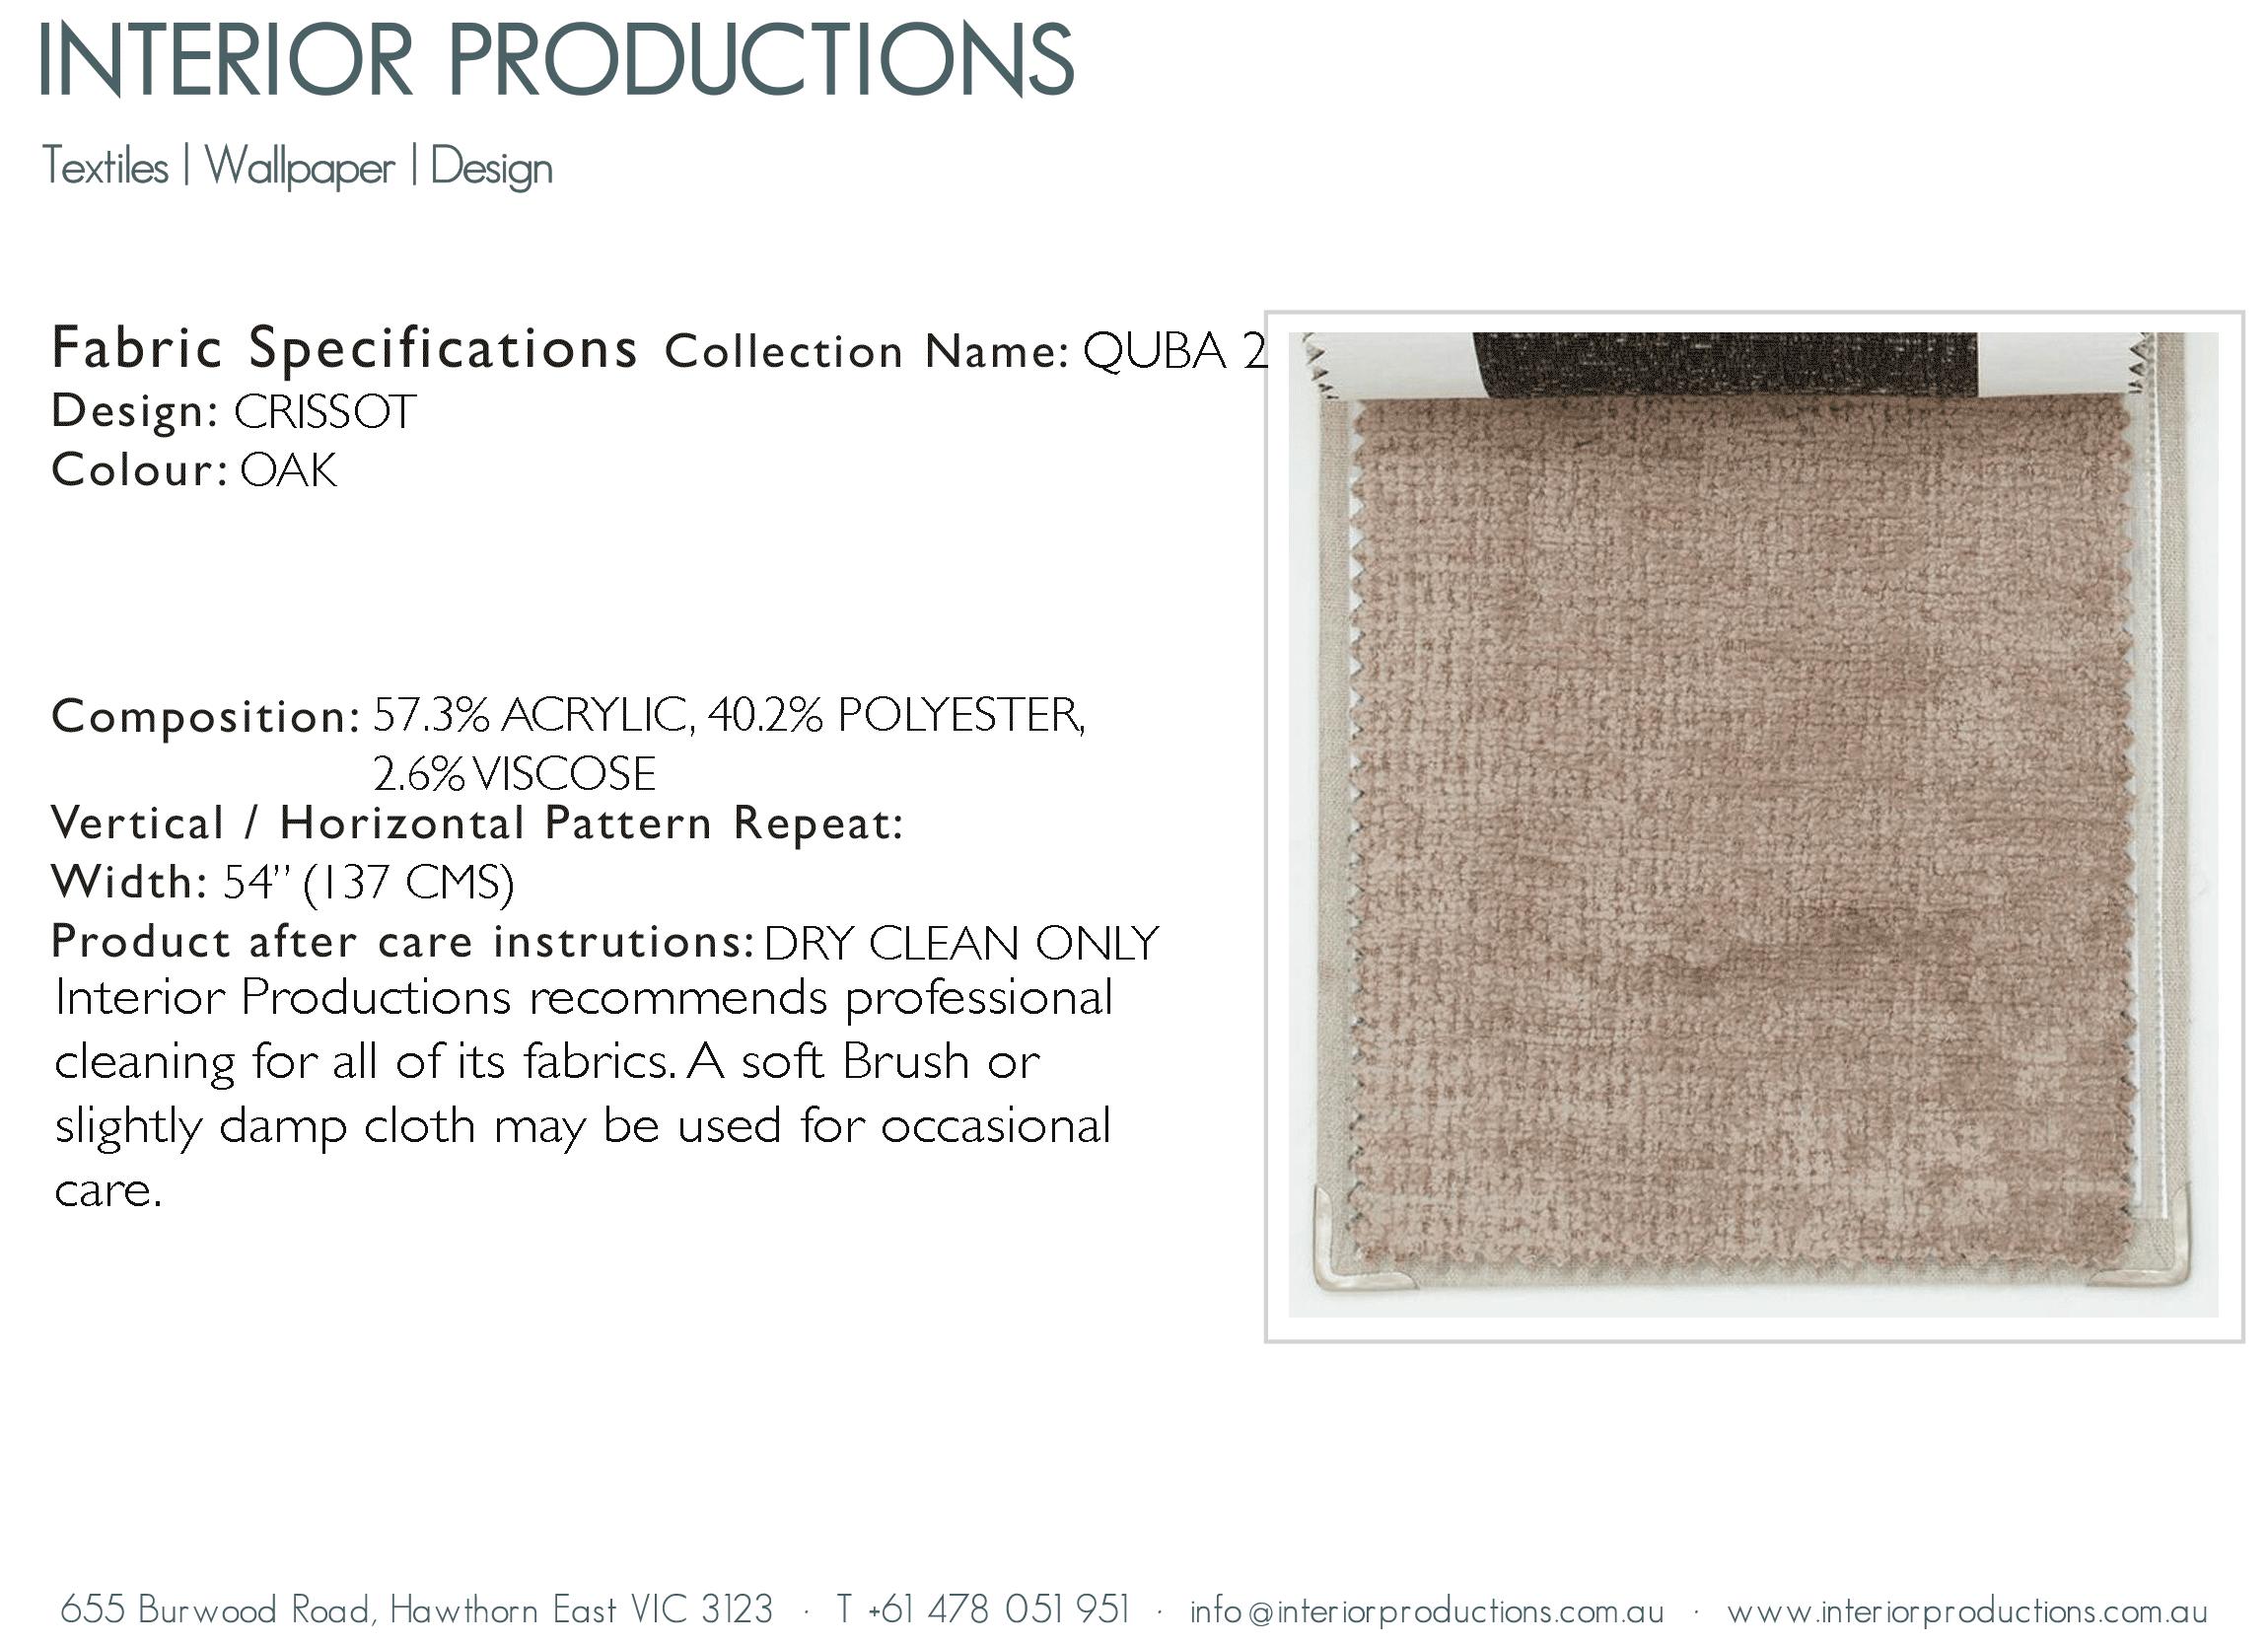 interior_productions_CRISSOT---OAK